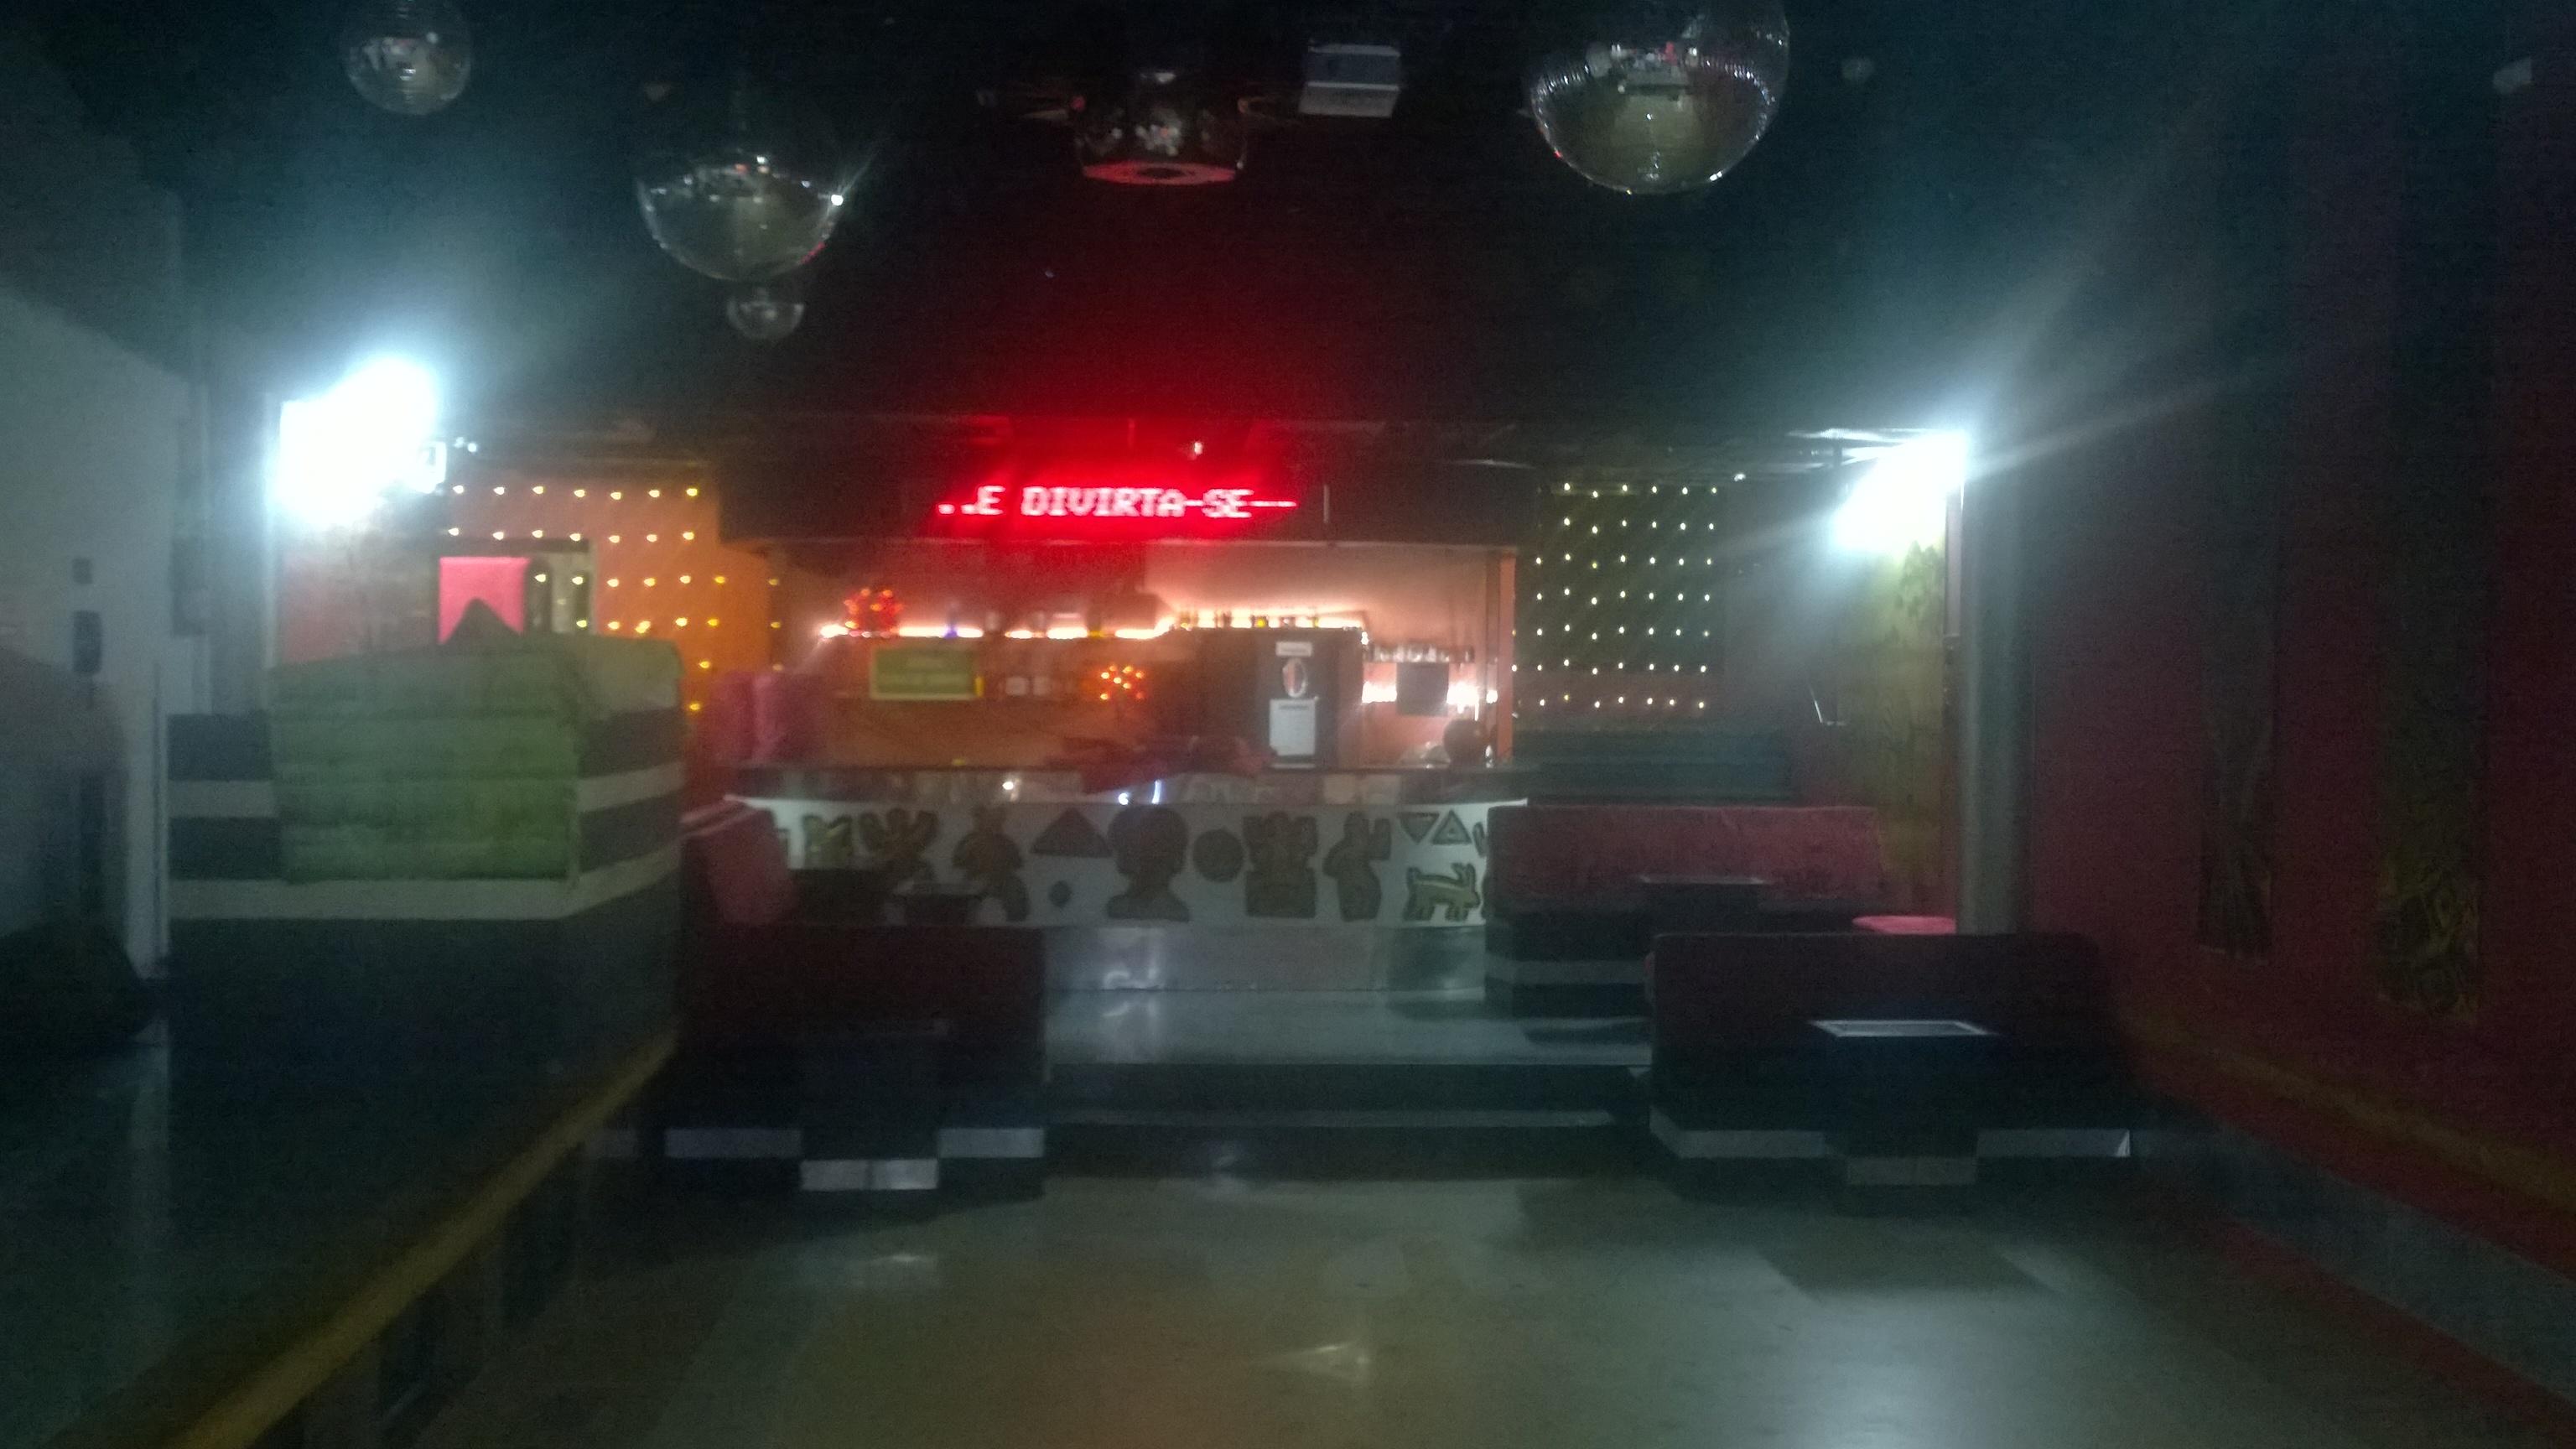 5-Dance Floor A Lontra